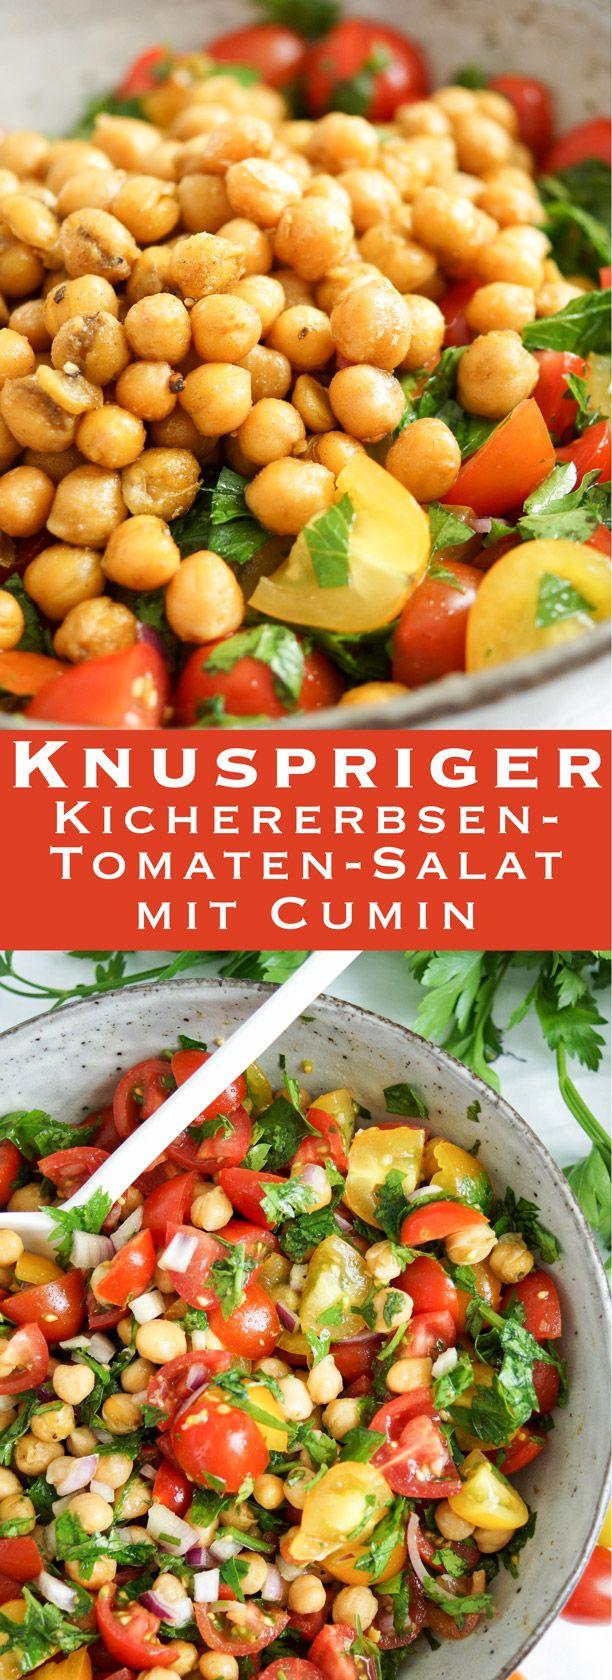 Knuspriger Kichererbsen-Tomaten-Salat Rezept (vegan + glutenfrei)